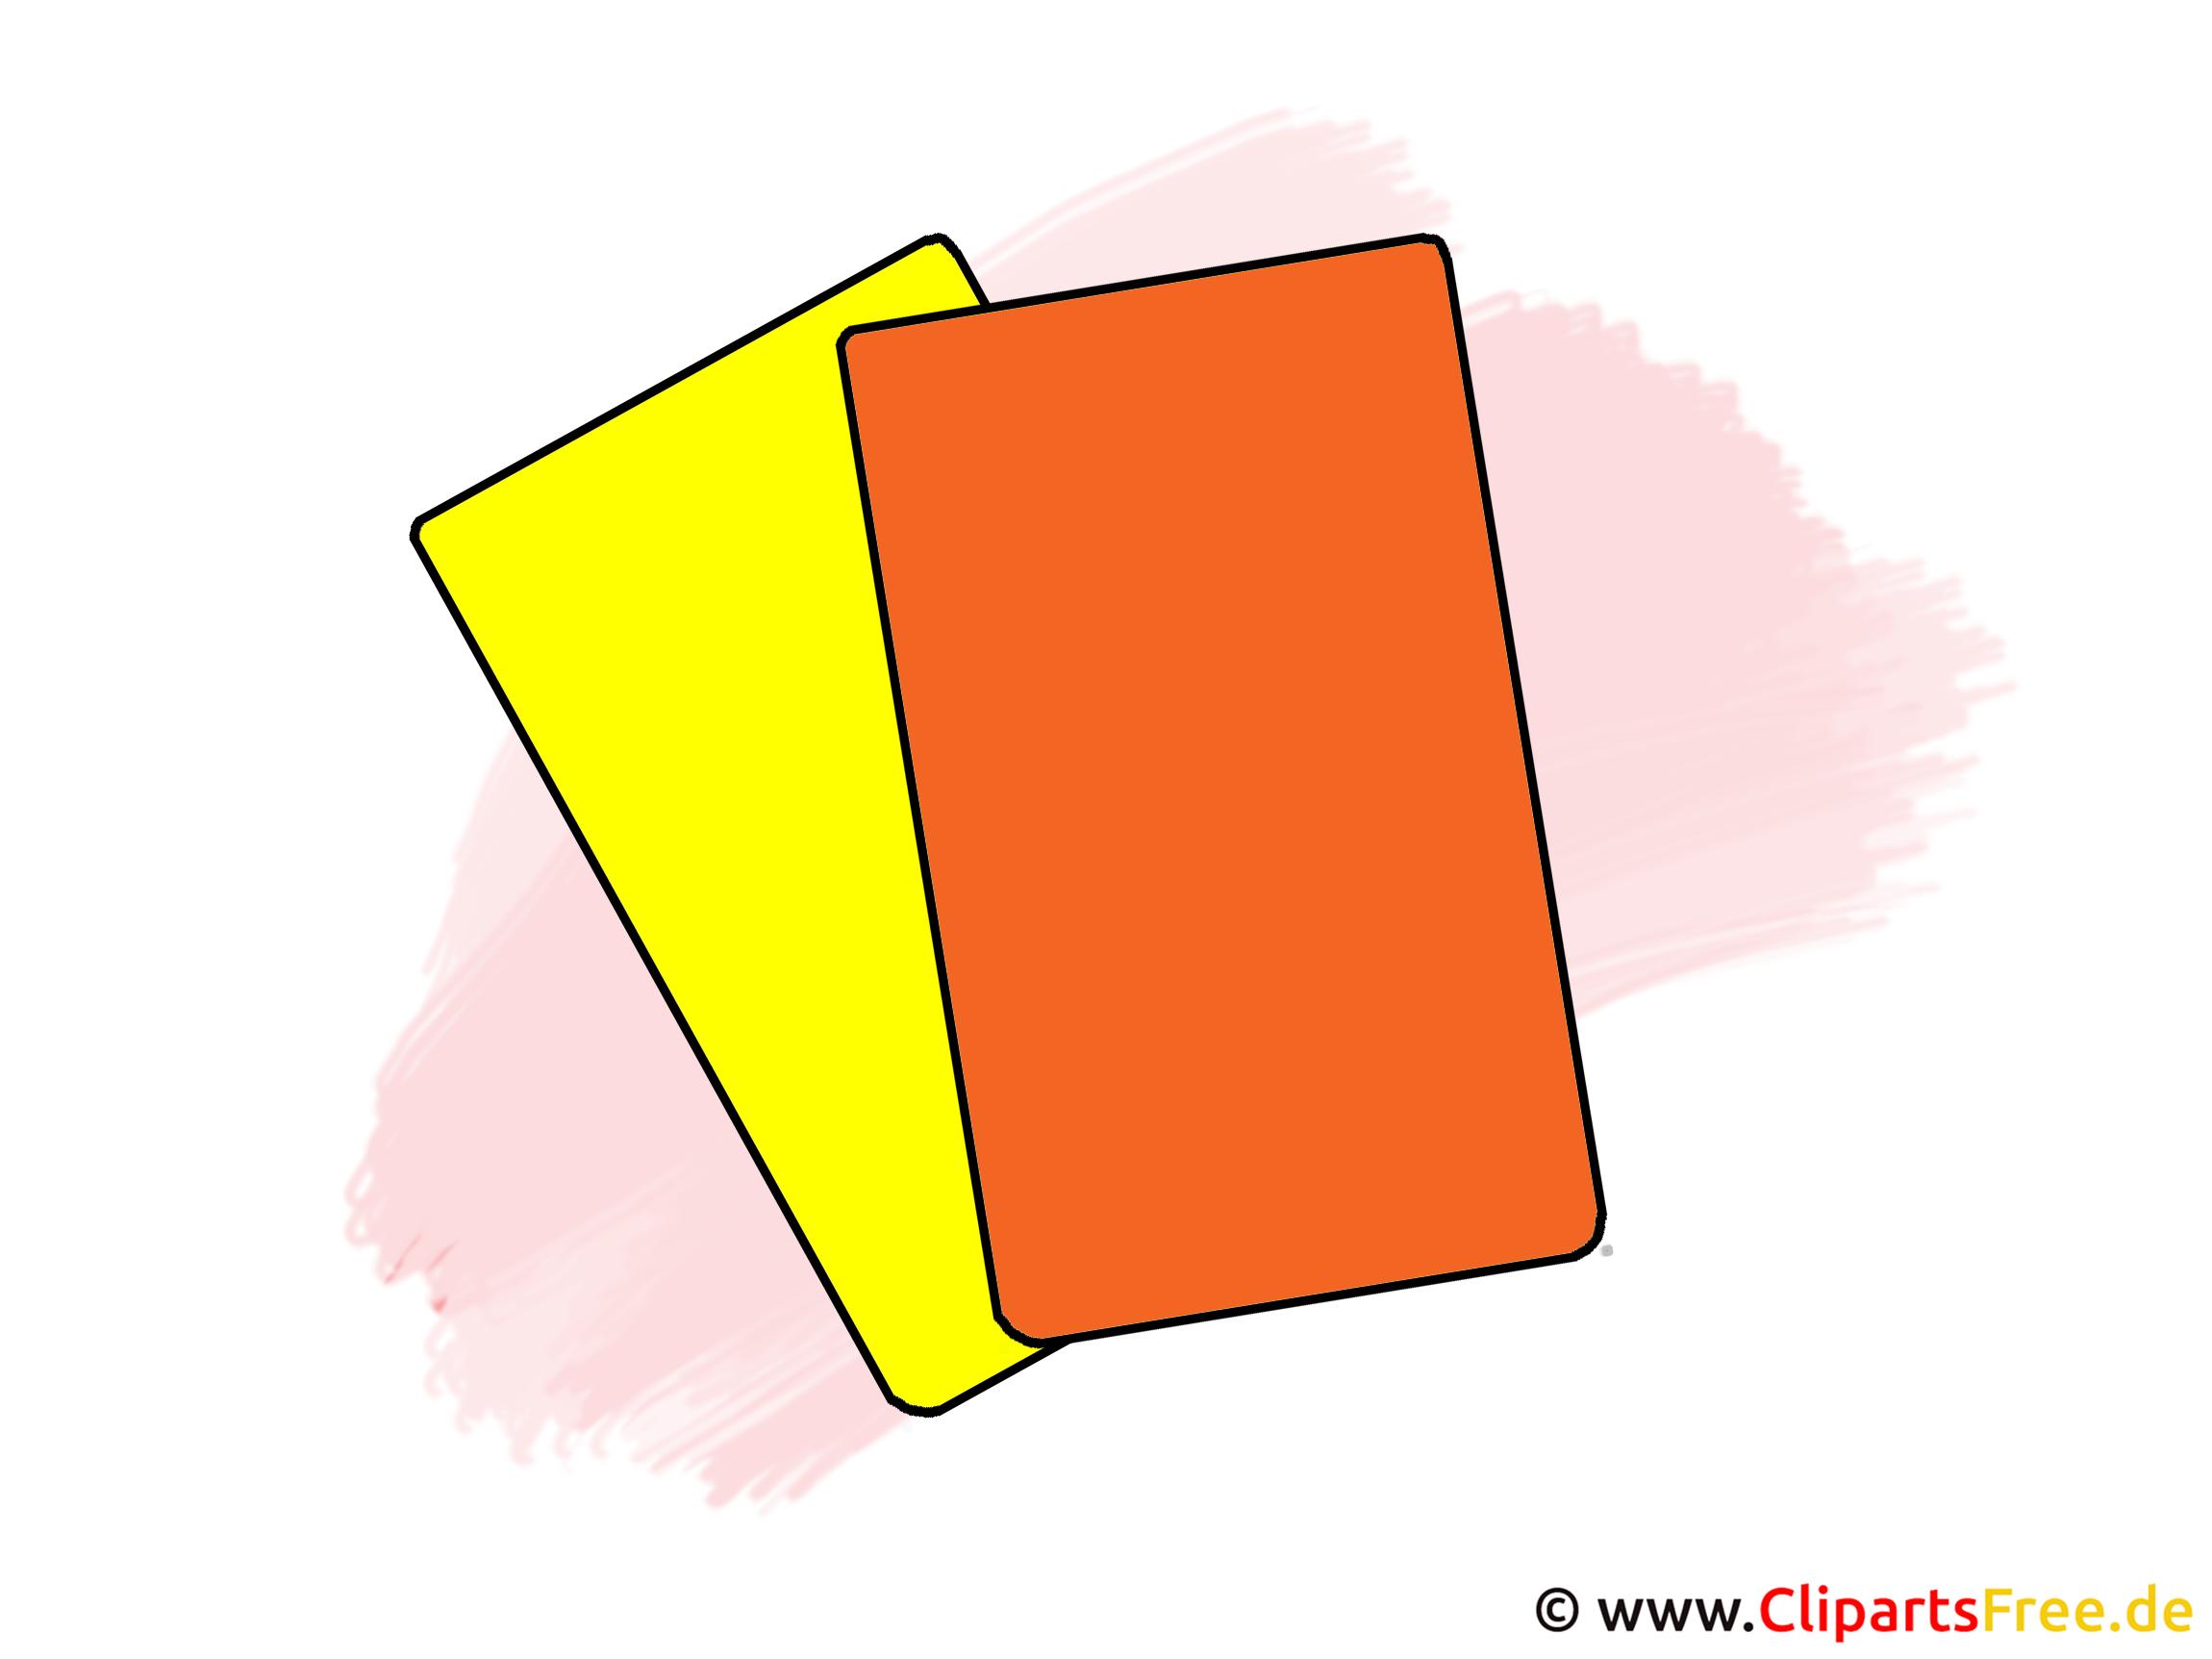 Gelbe und rote Karten Fusball Clipart, Bild, Illustration, Grafik